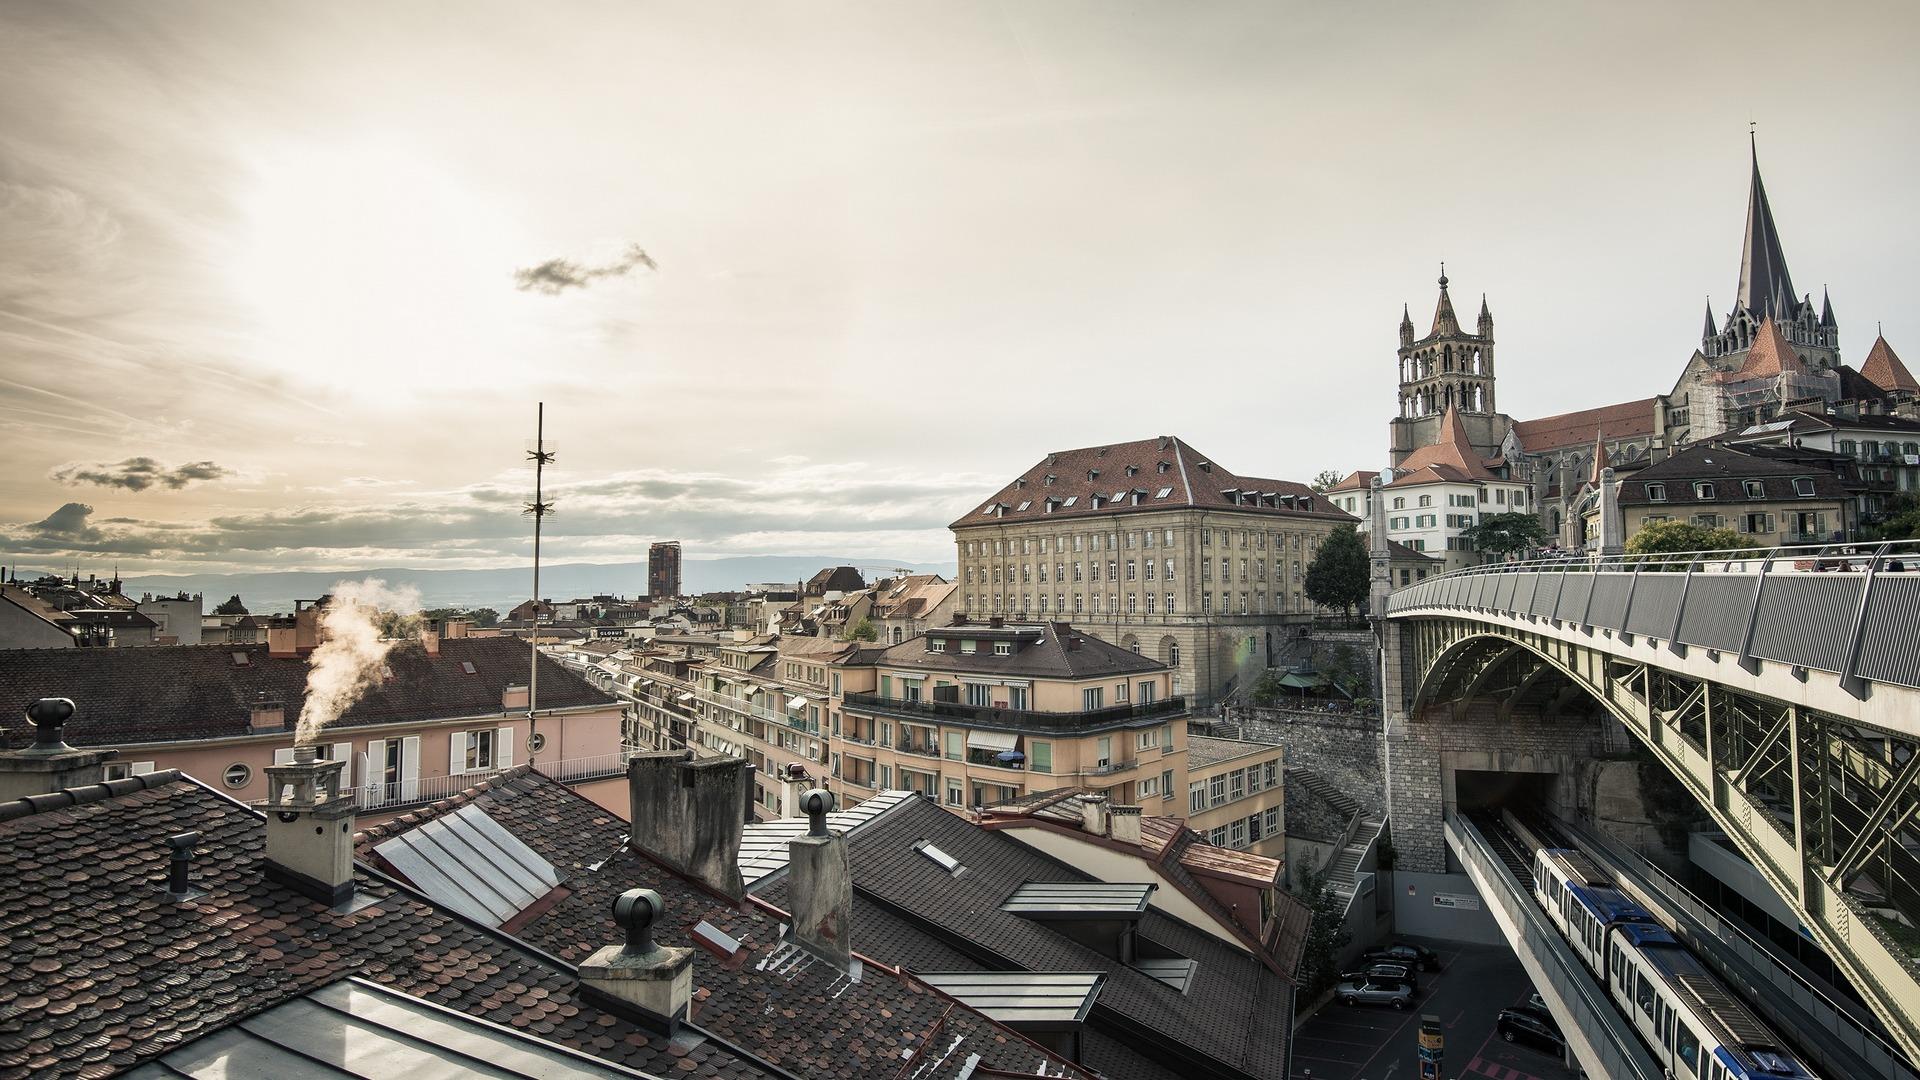 描述: 欧洲城镇建筑-retina高清风景壁纸 当前壁纸尺寸: 1920 x 1080图片